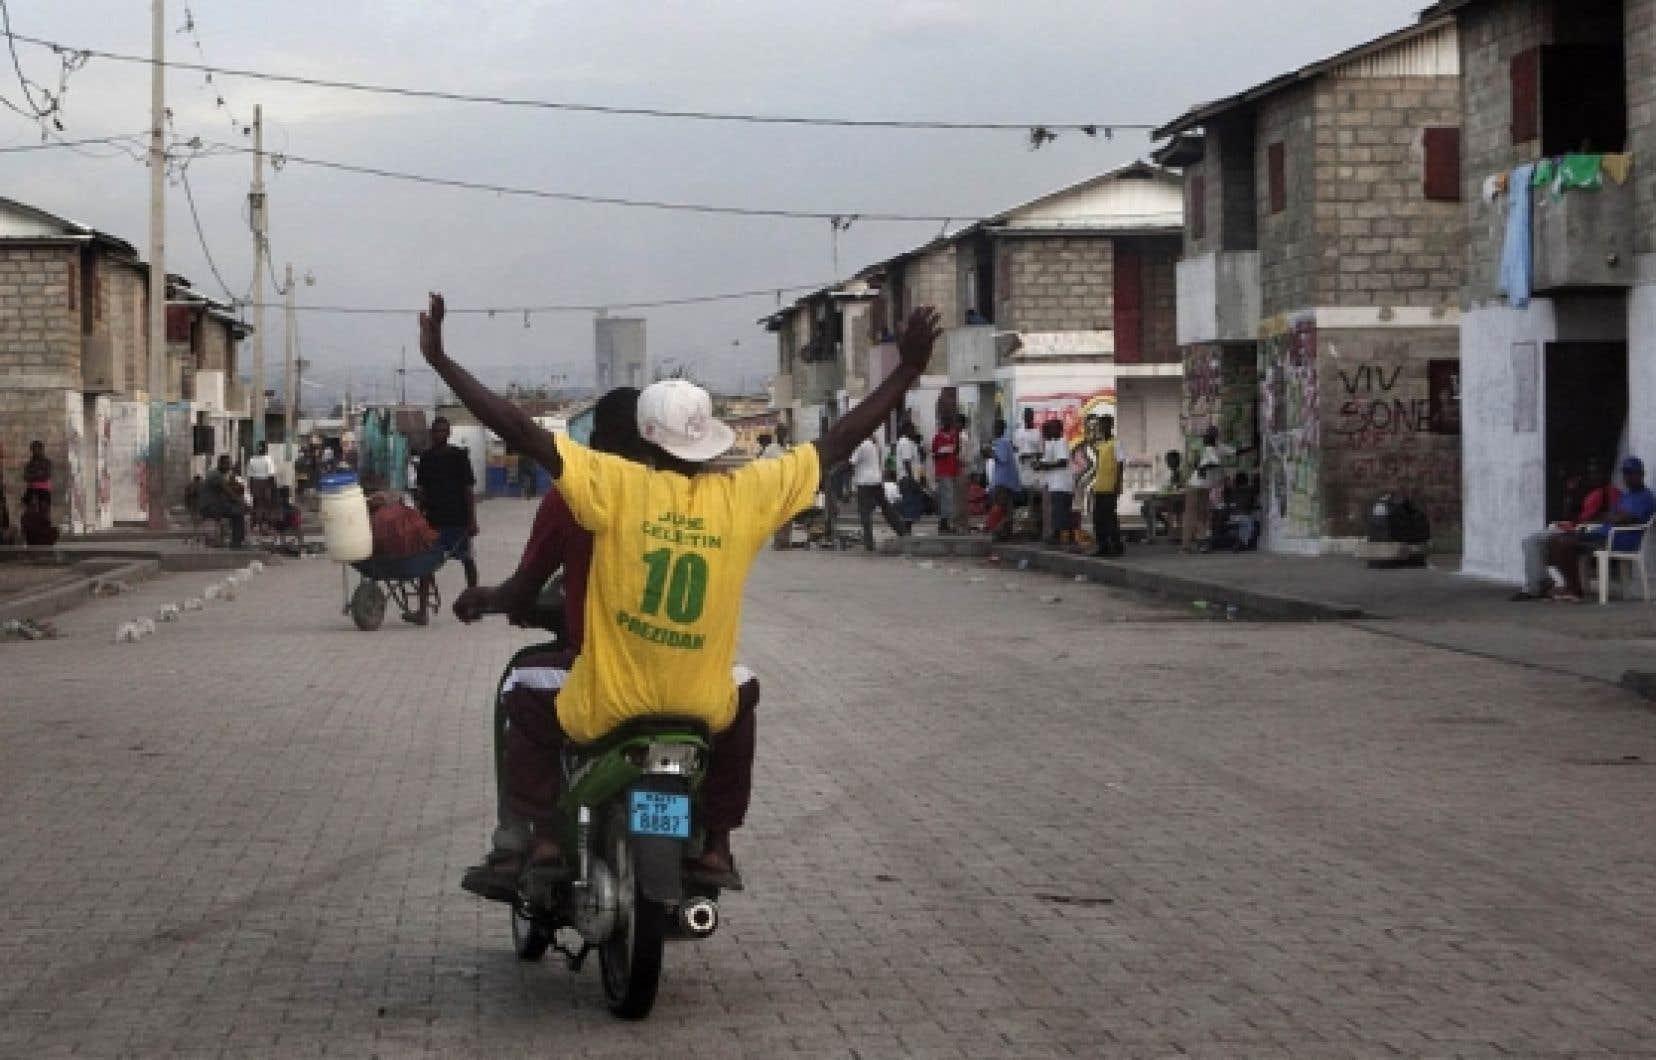 À Cité-Soleil, dans ce bastion «initiste» (du parti Inite, qui signifie «unité»), on ne craint pas de porter le t-shirt jaune à l'effigie du candidat qui est le dauphin du président sortant, René Préval.